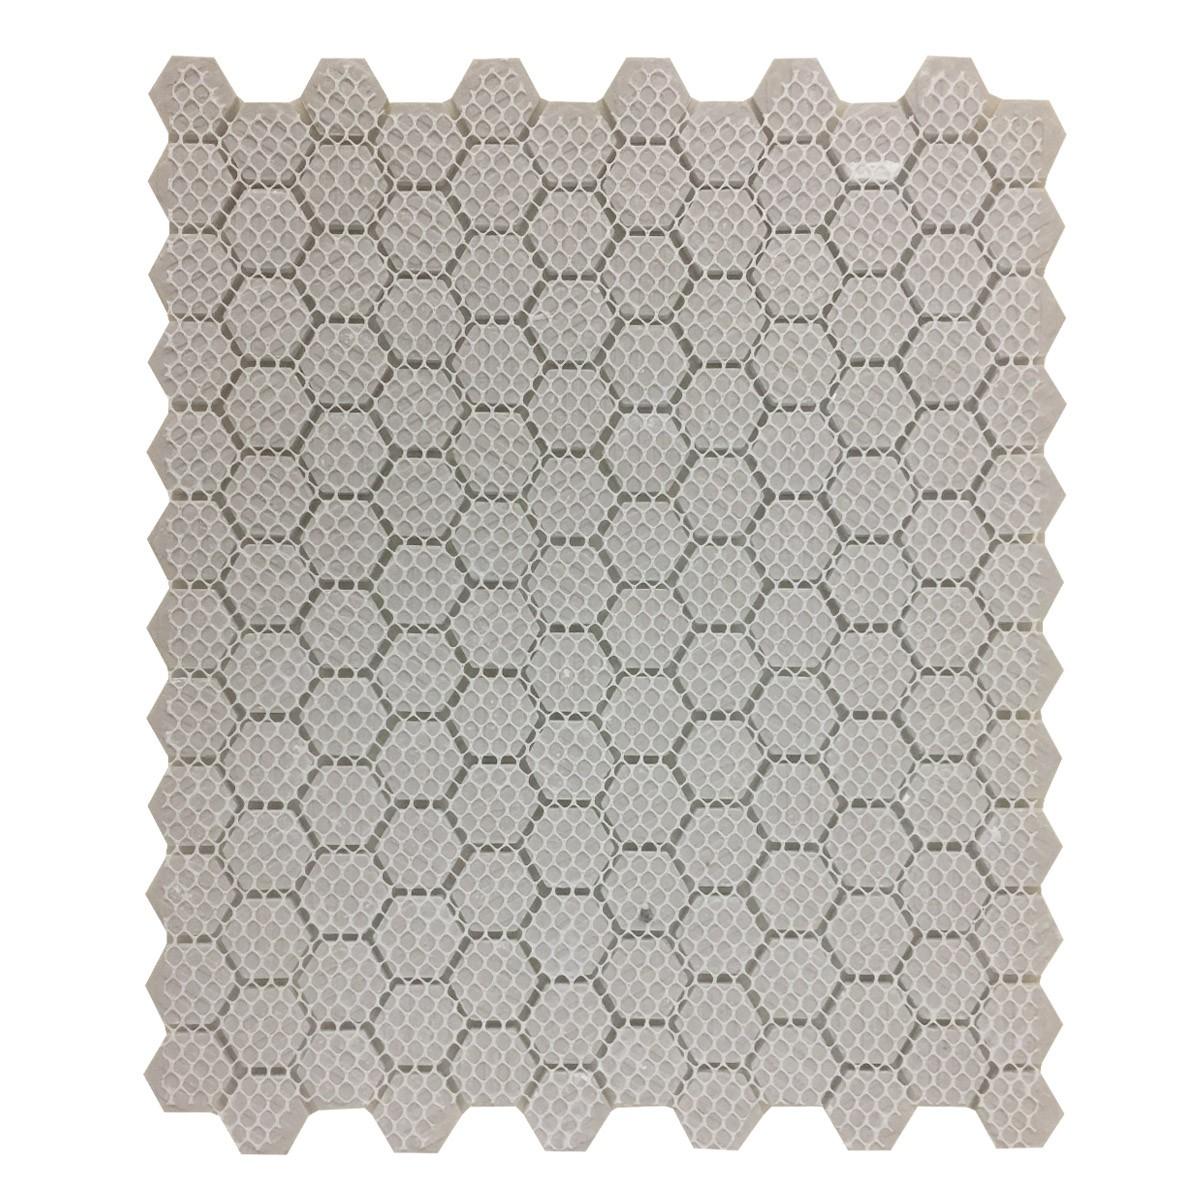 Matte White Hexagonal Tile Porcelain For Floors or Walls 19.3 SQ FT 23 Tiles Floor Tiles Mosaic Wall Tiles Mosaic Wall Tiles Ceramic